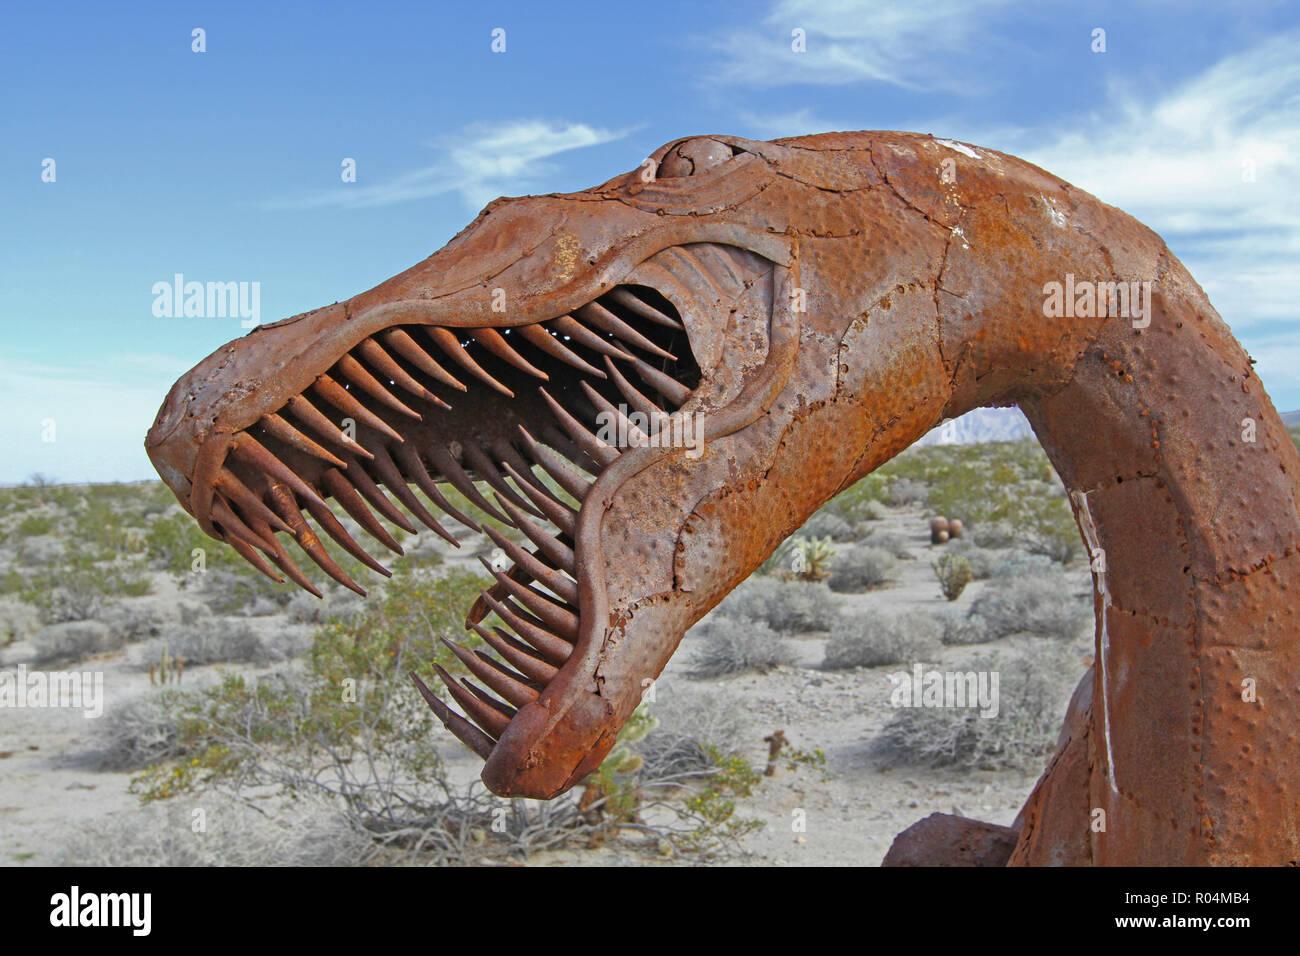 metal sculpture of raptor dinosaur head with multiple teeth